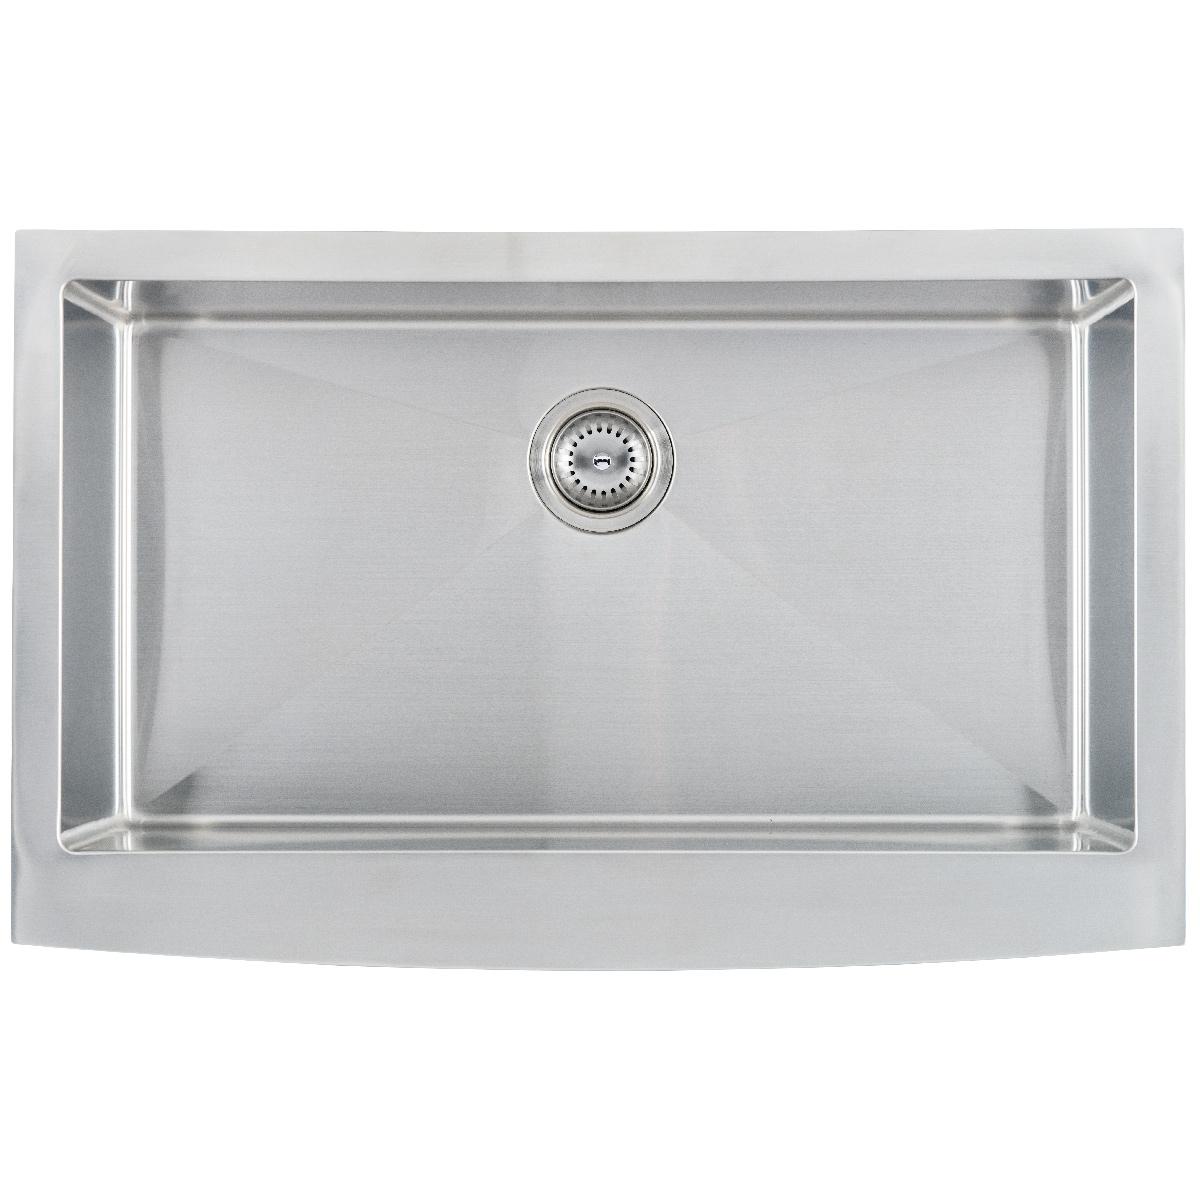 Sinks -ss-16-gau-farmhouse-with-apron-single-bowl-3321-SIN-16-SINBWL-WEL-3321FSAF